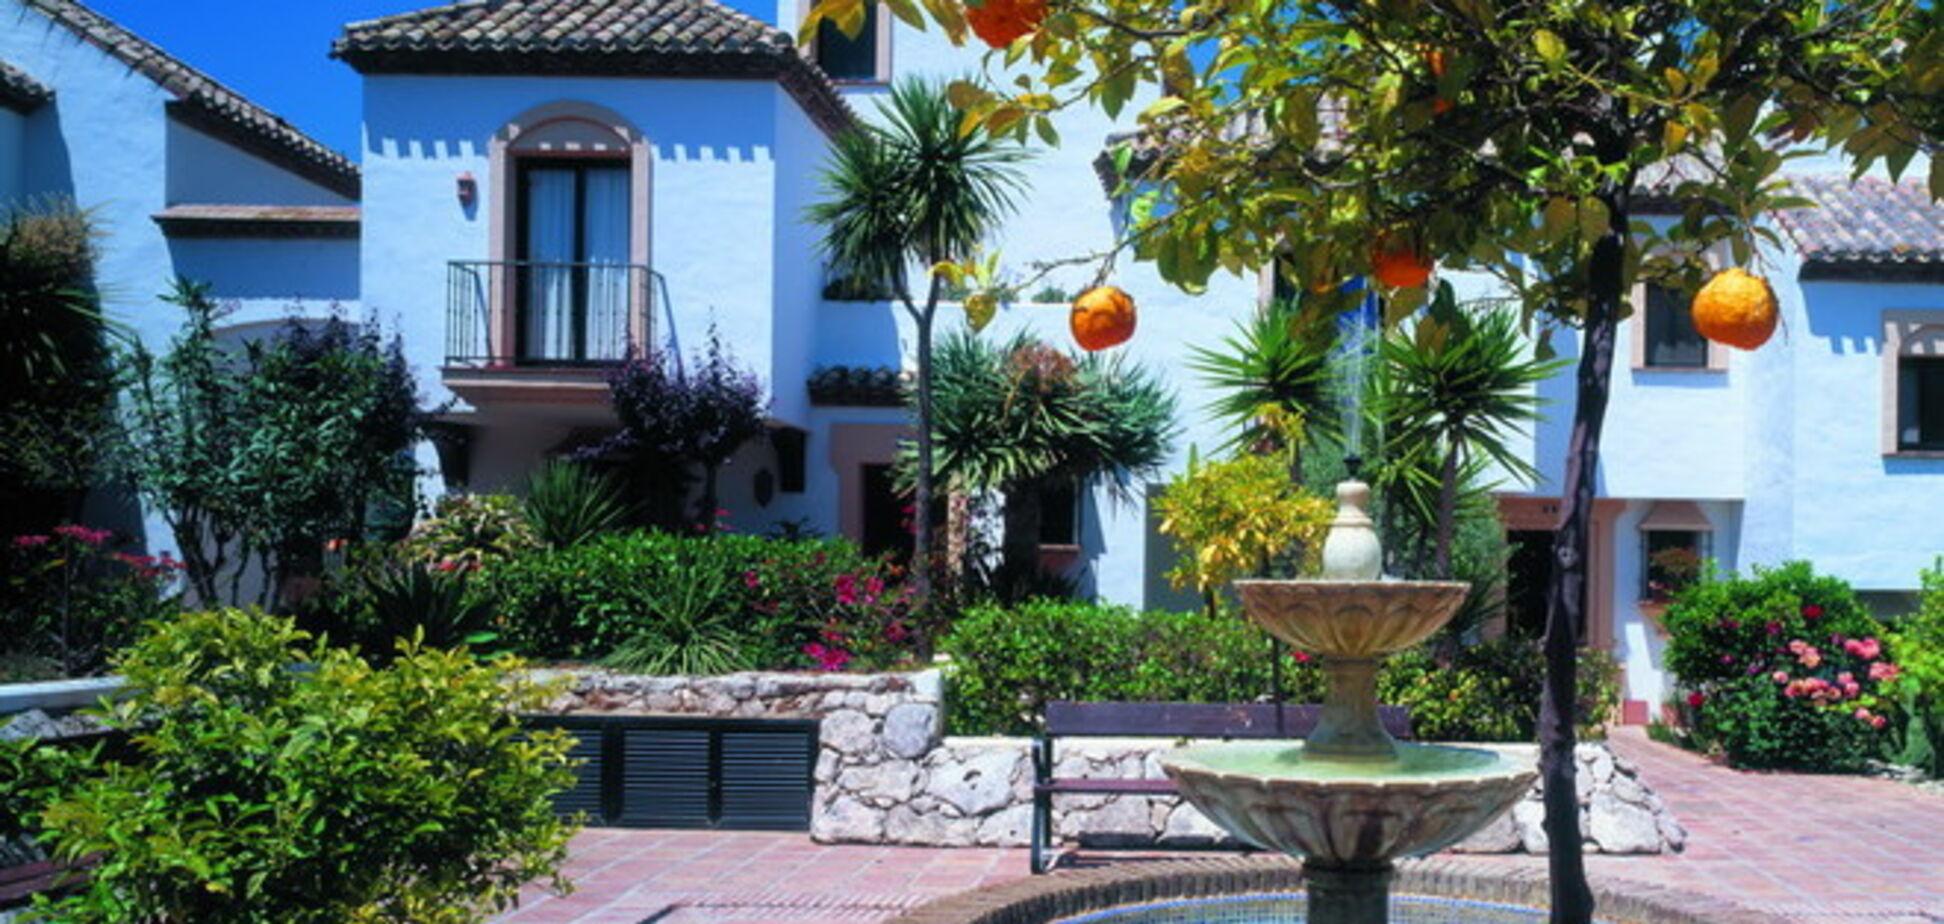 Налетай, подешевело! В Испании стартует предновогодняя распродажа квартир